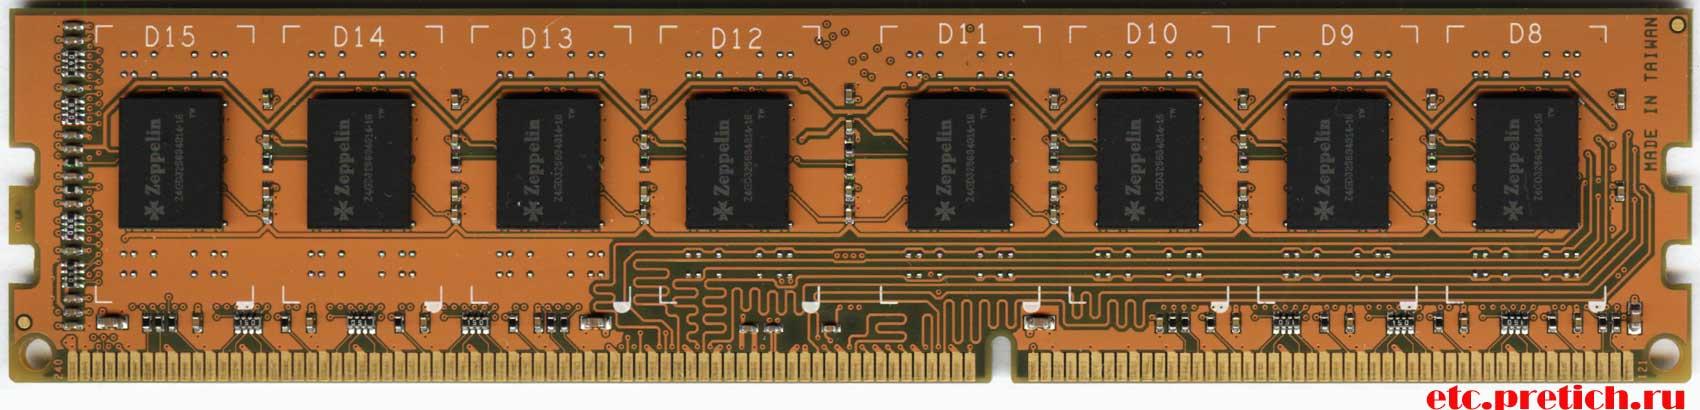 Оперативная память Zeppelin 4G/1333/2568 DDR3 плохая...